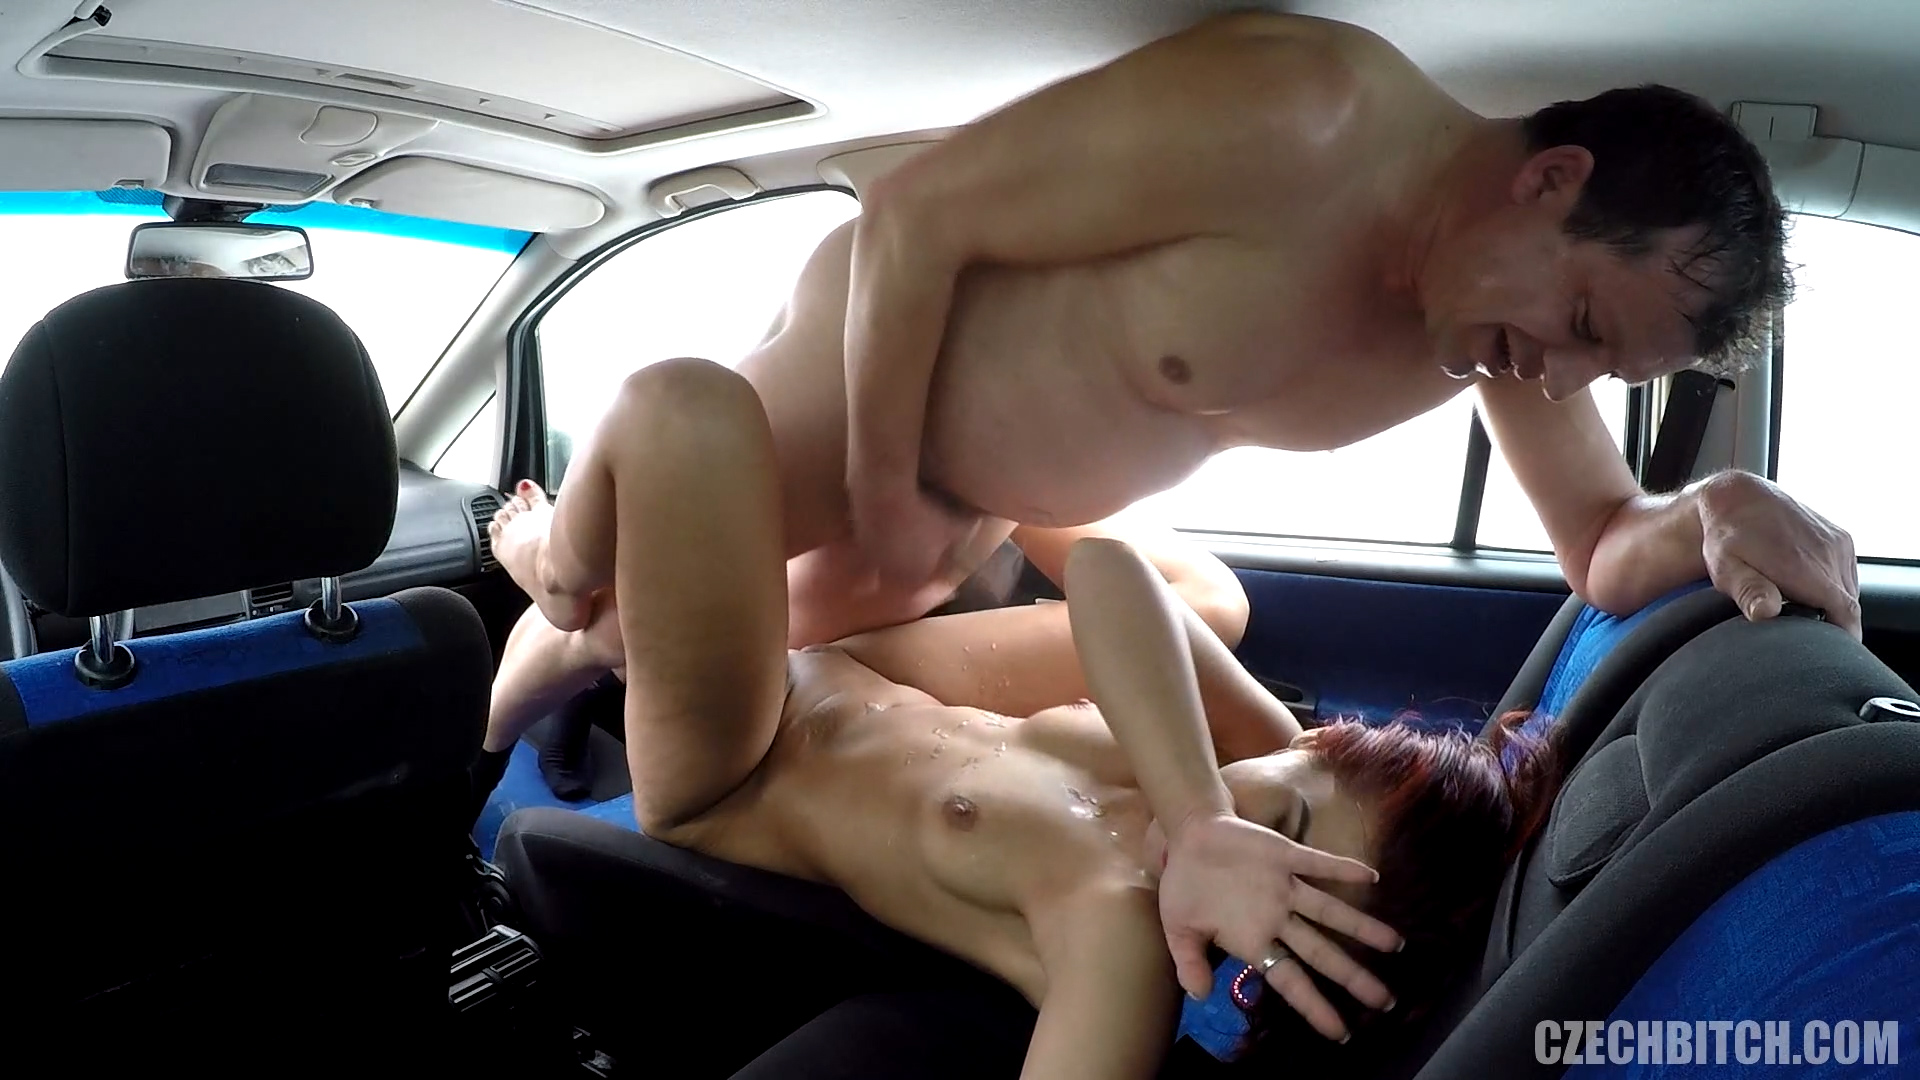 strastniy-seks-v-mashine-video